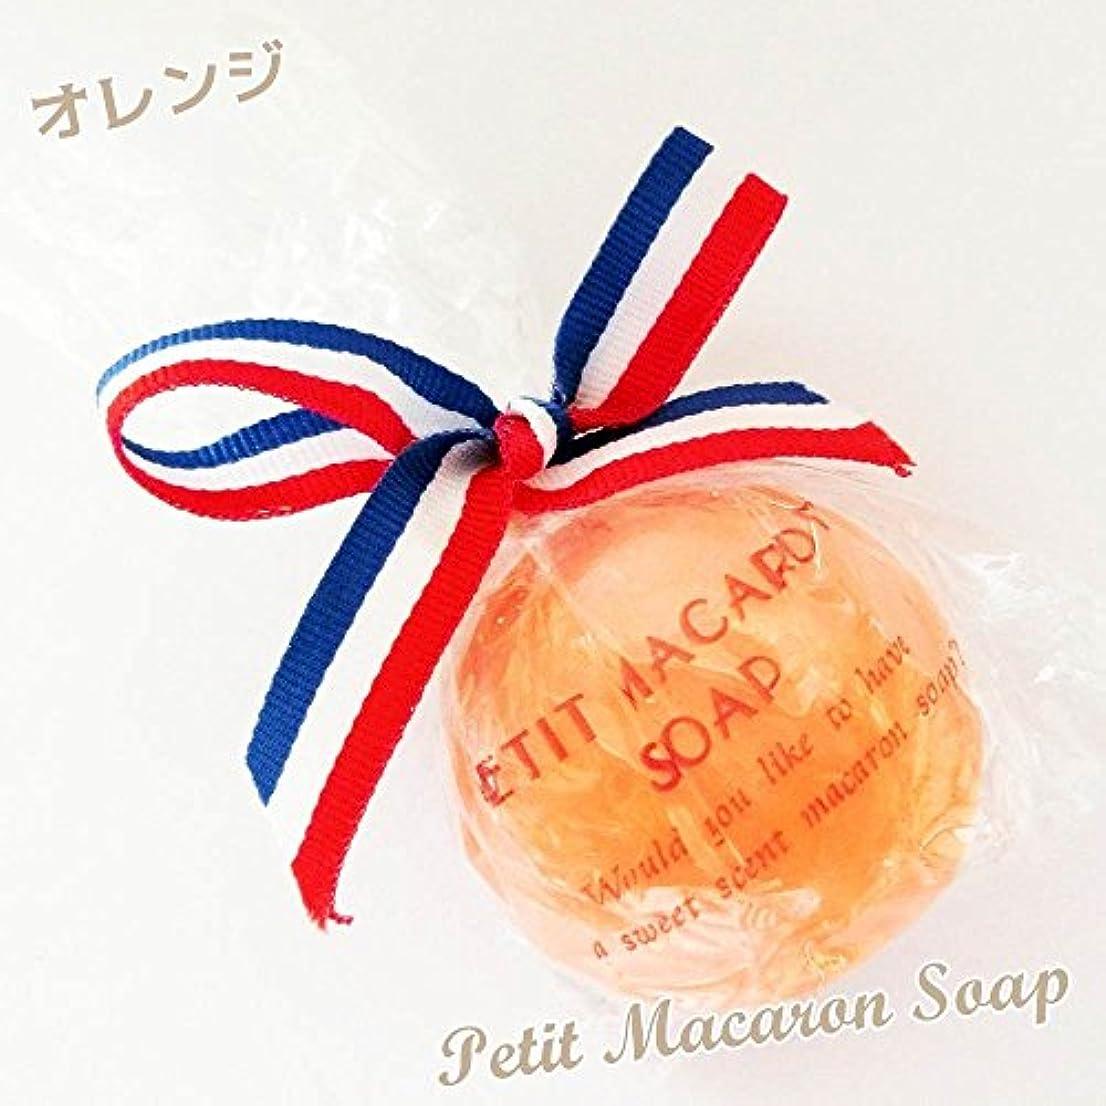 喉が渇いためまい付属品プチマカロンソープ オレンジ 22g